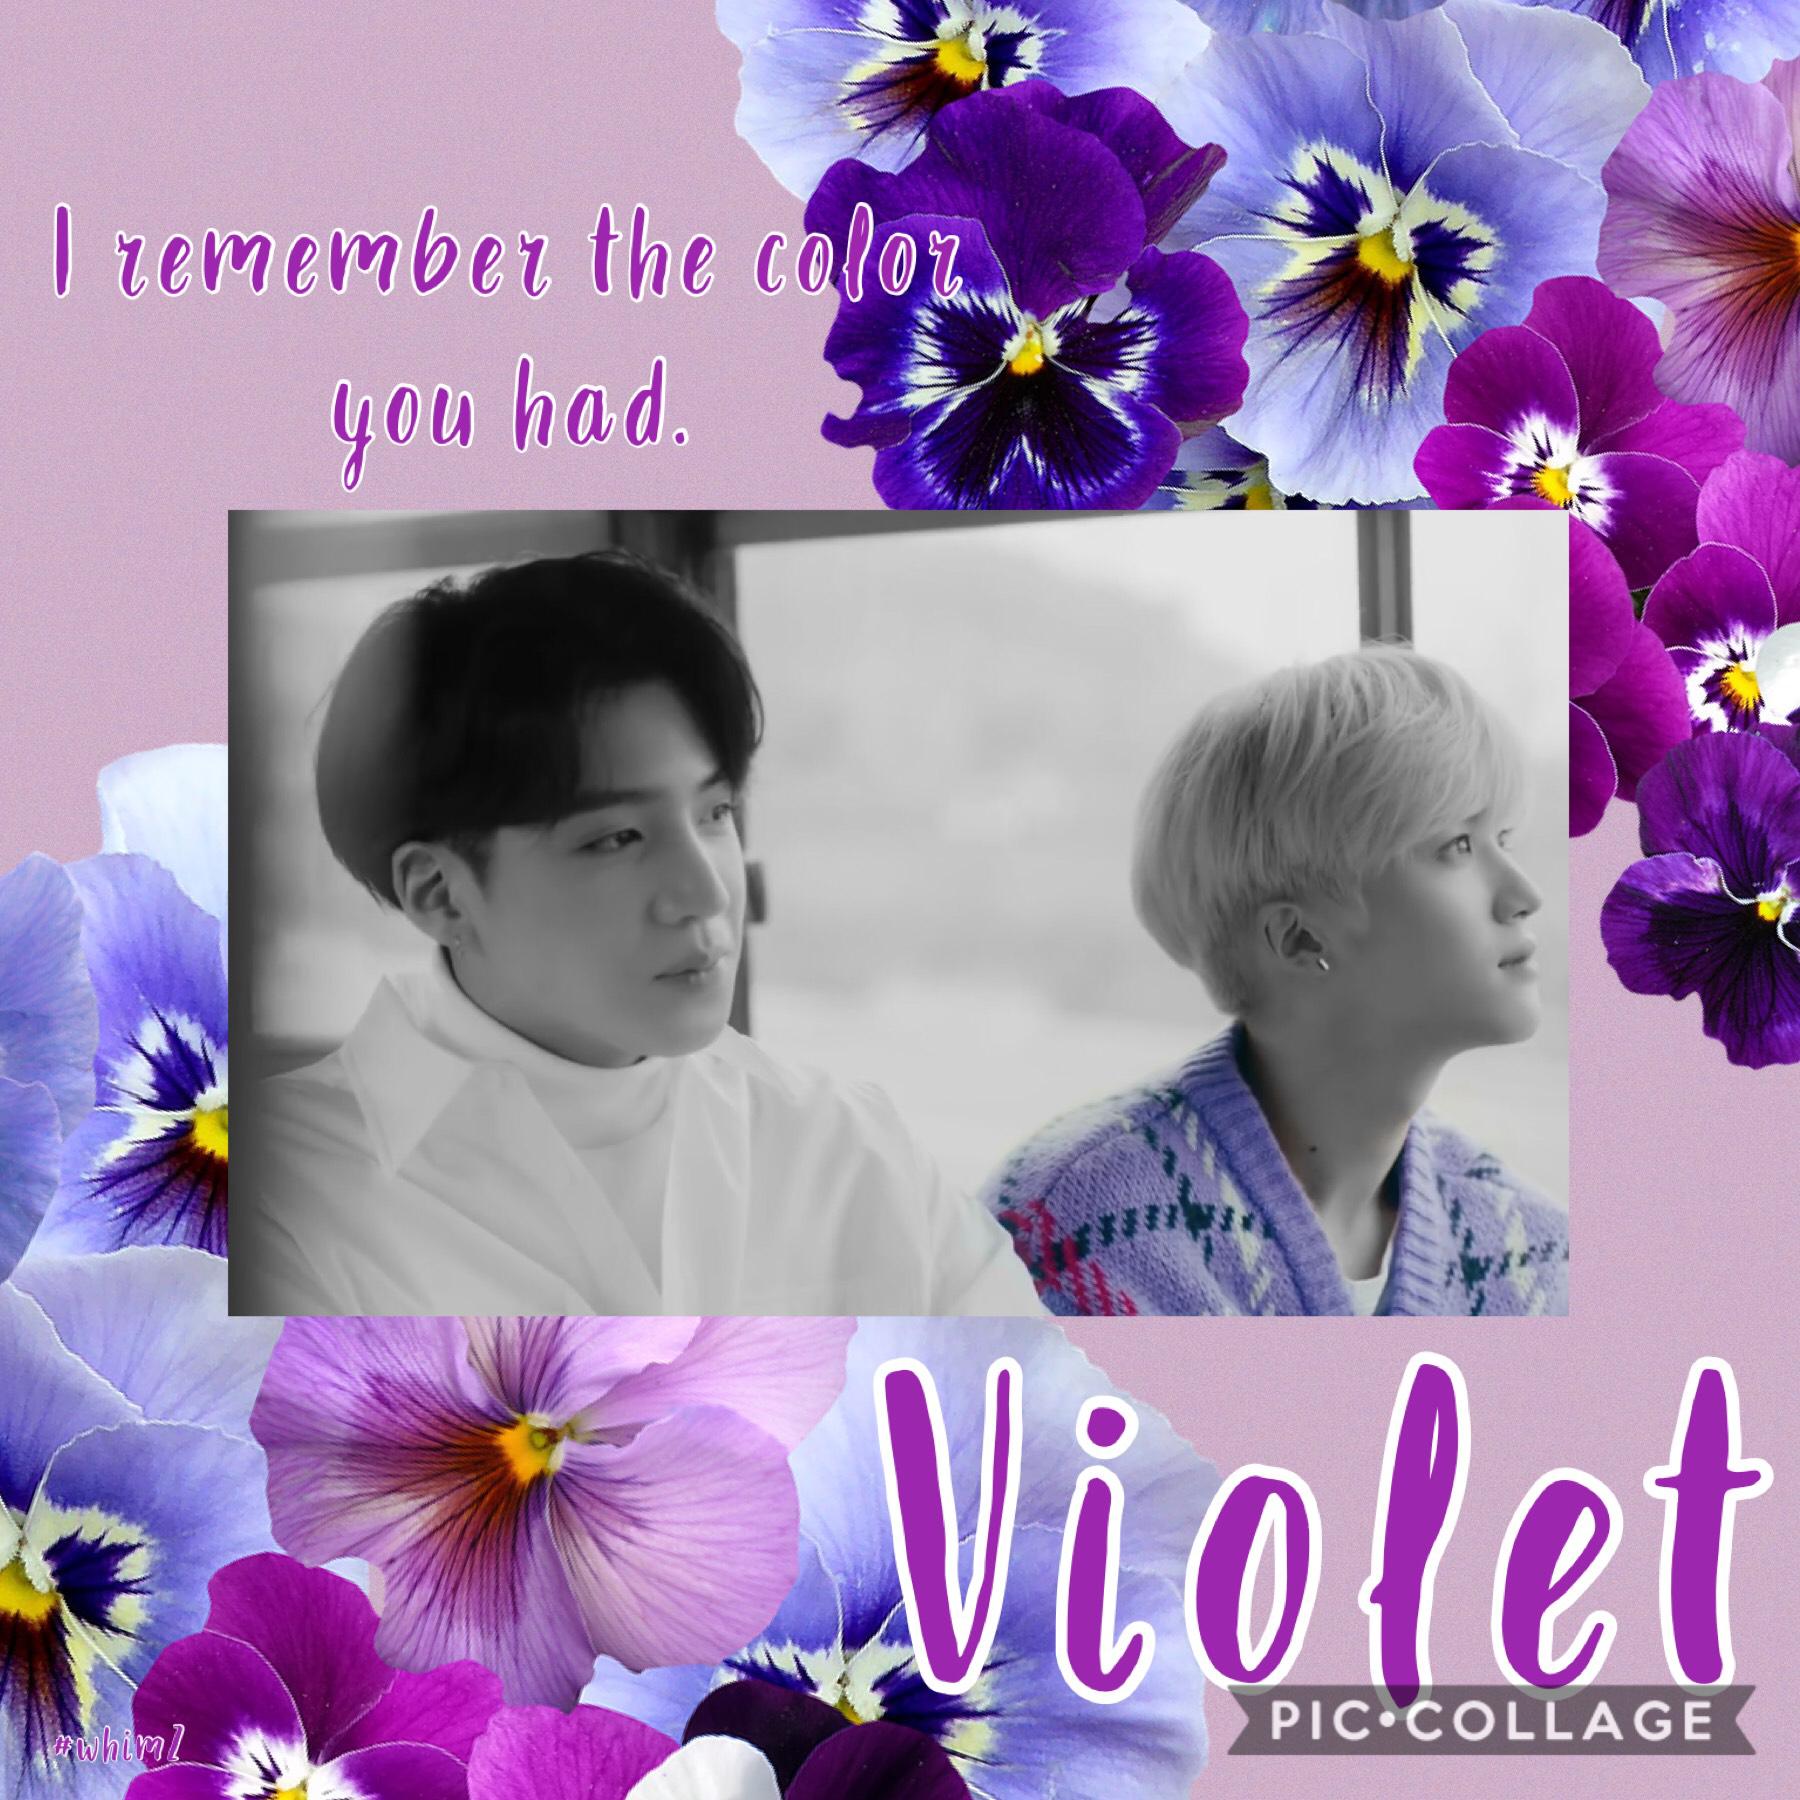 Violet edit part 2